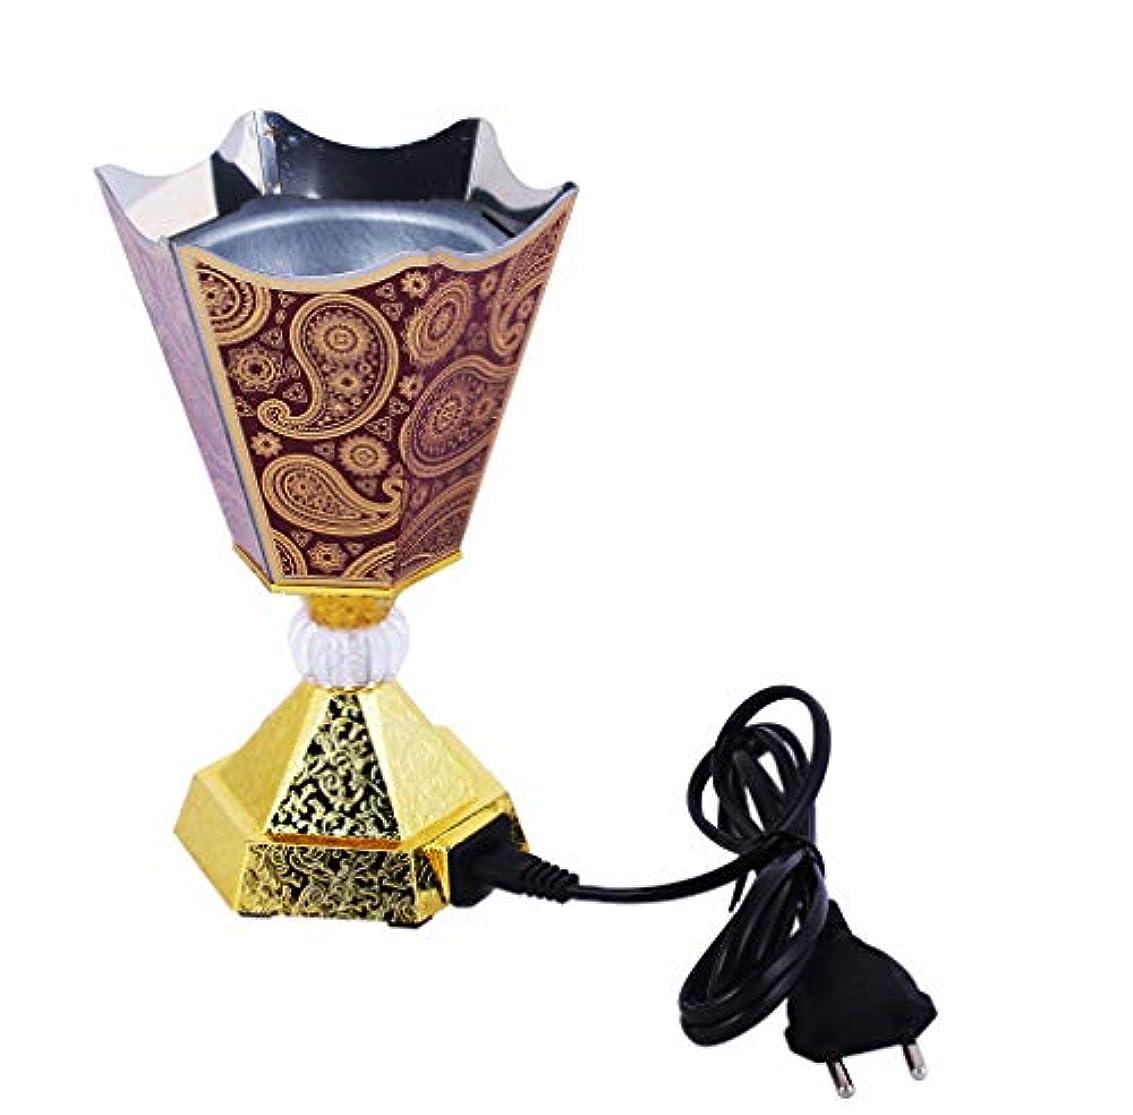 チャーム田舎者特権的Vintage Style Incense Bakhoor/Oud Burner Frankincense Incense Holder Electric, Best for Gifting